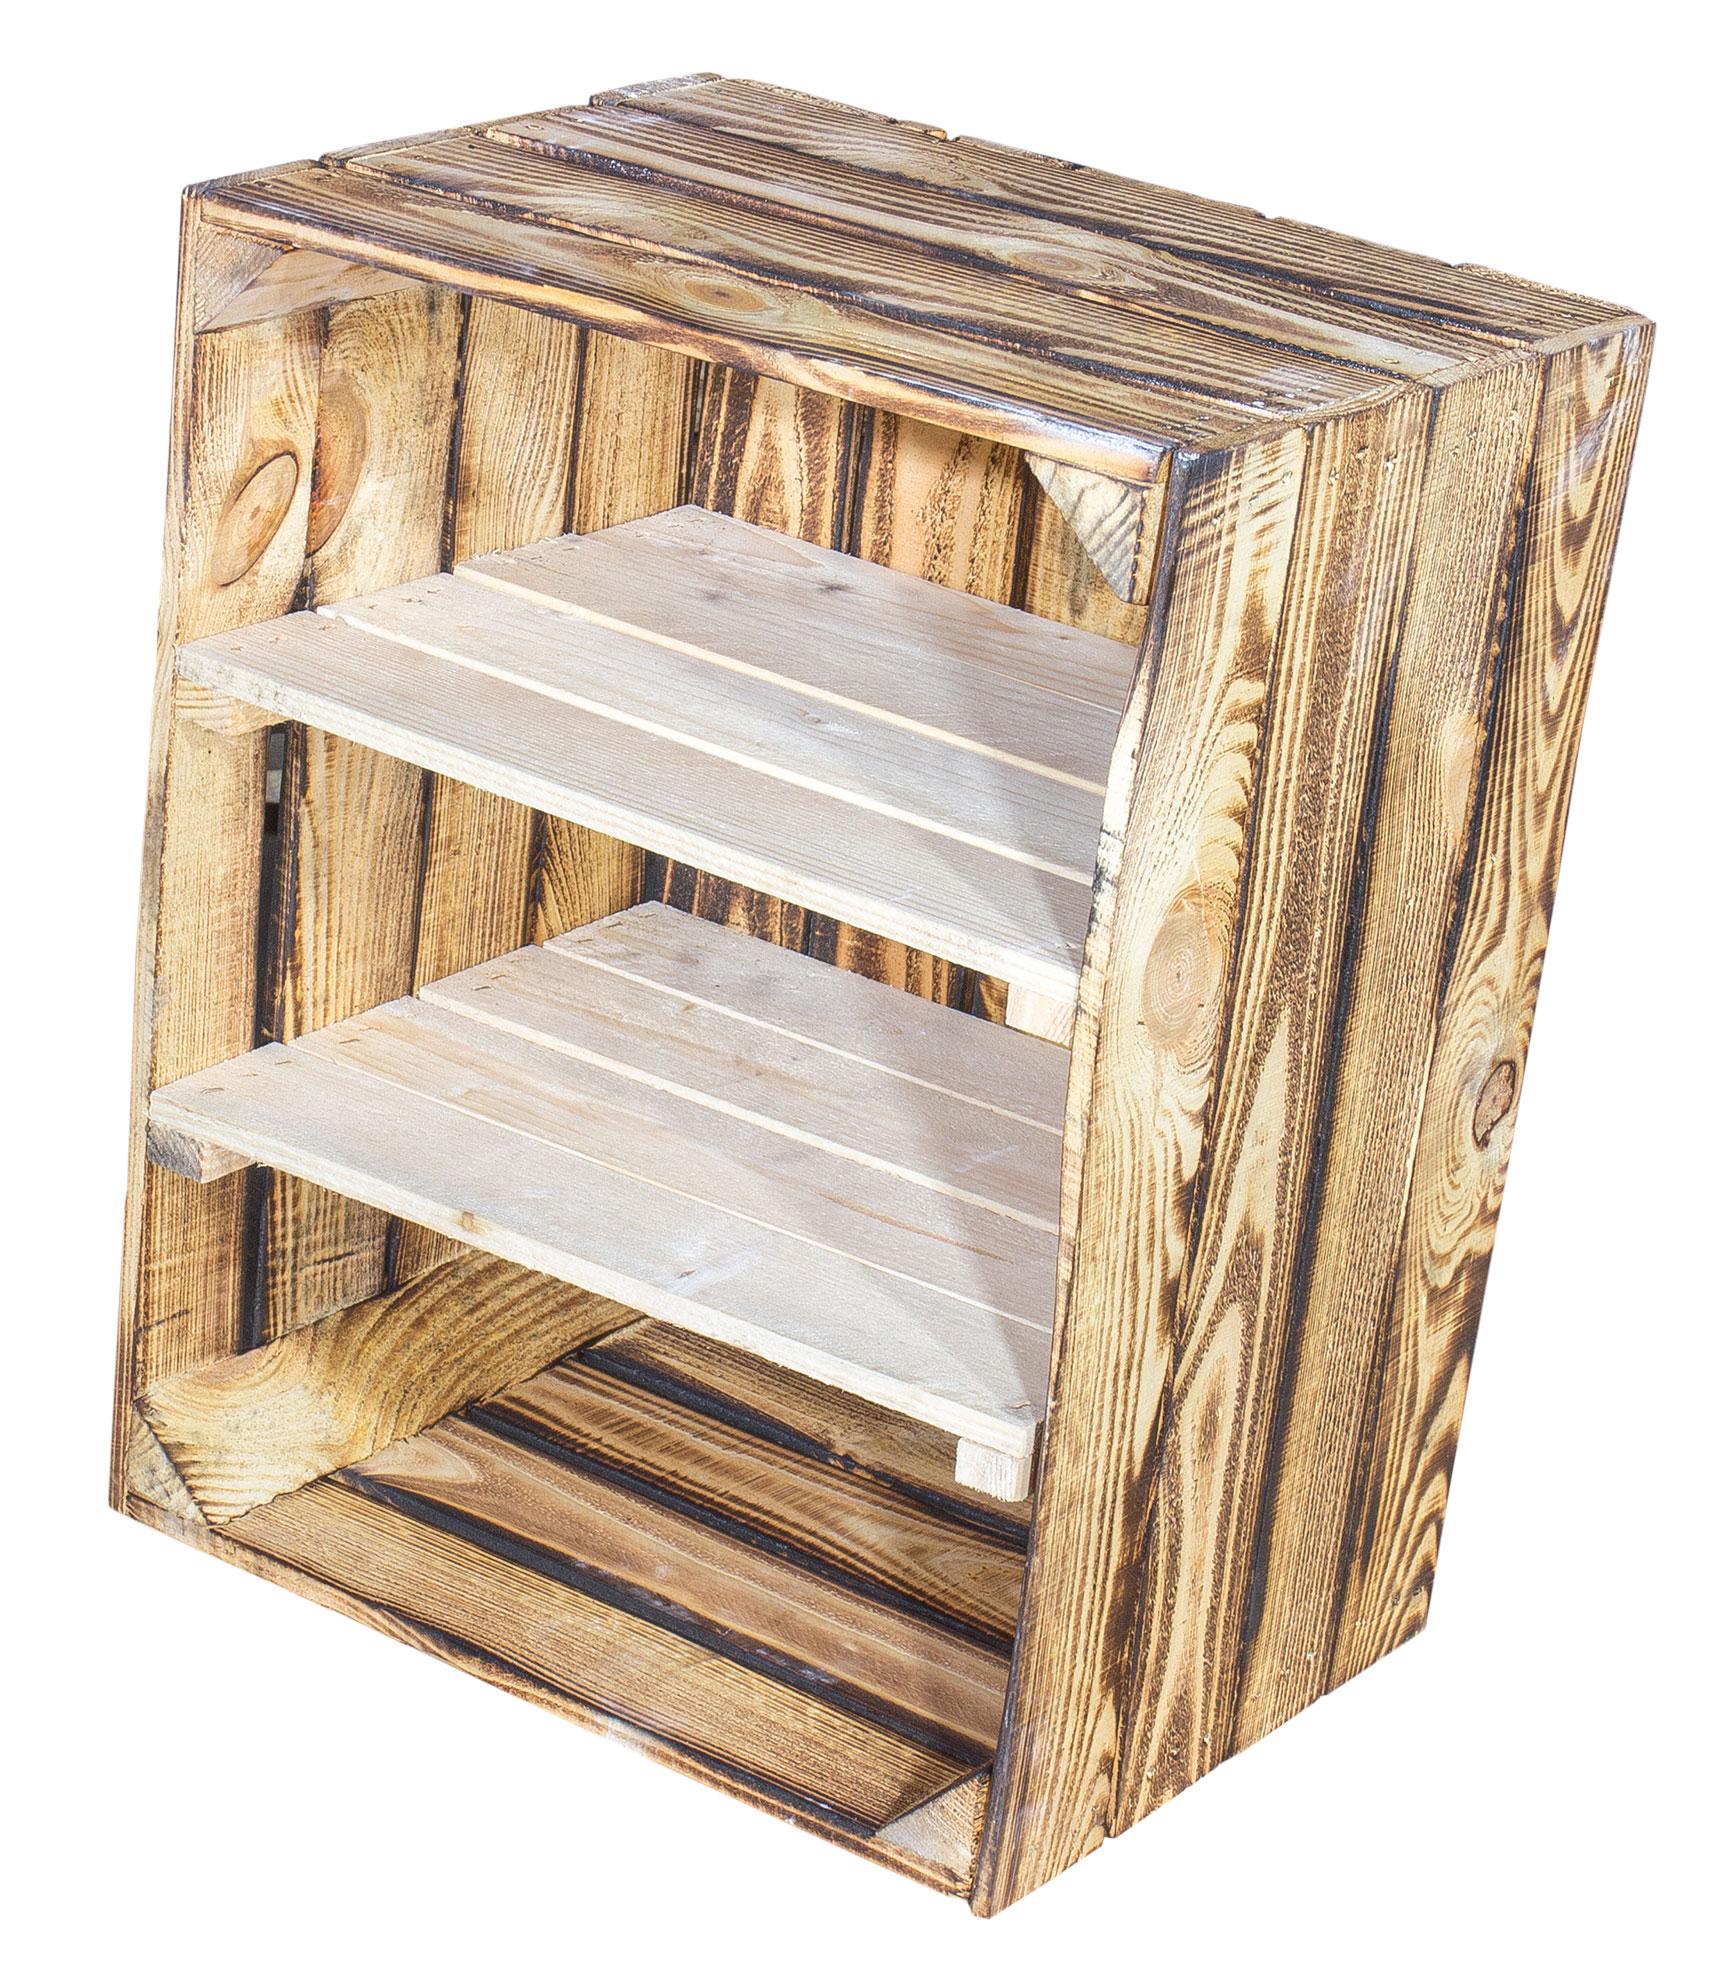 Geflammte Holzkiste mit 2 Mittelbretter in natur -quer- 50x40x30cm